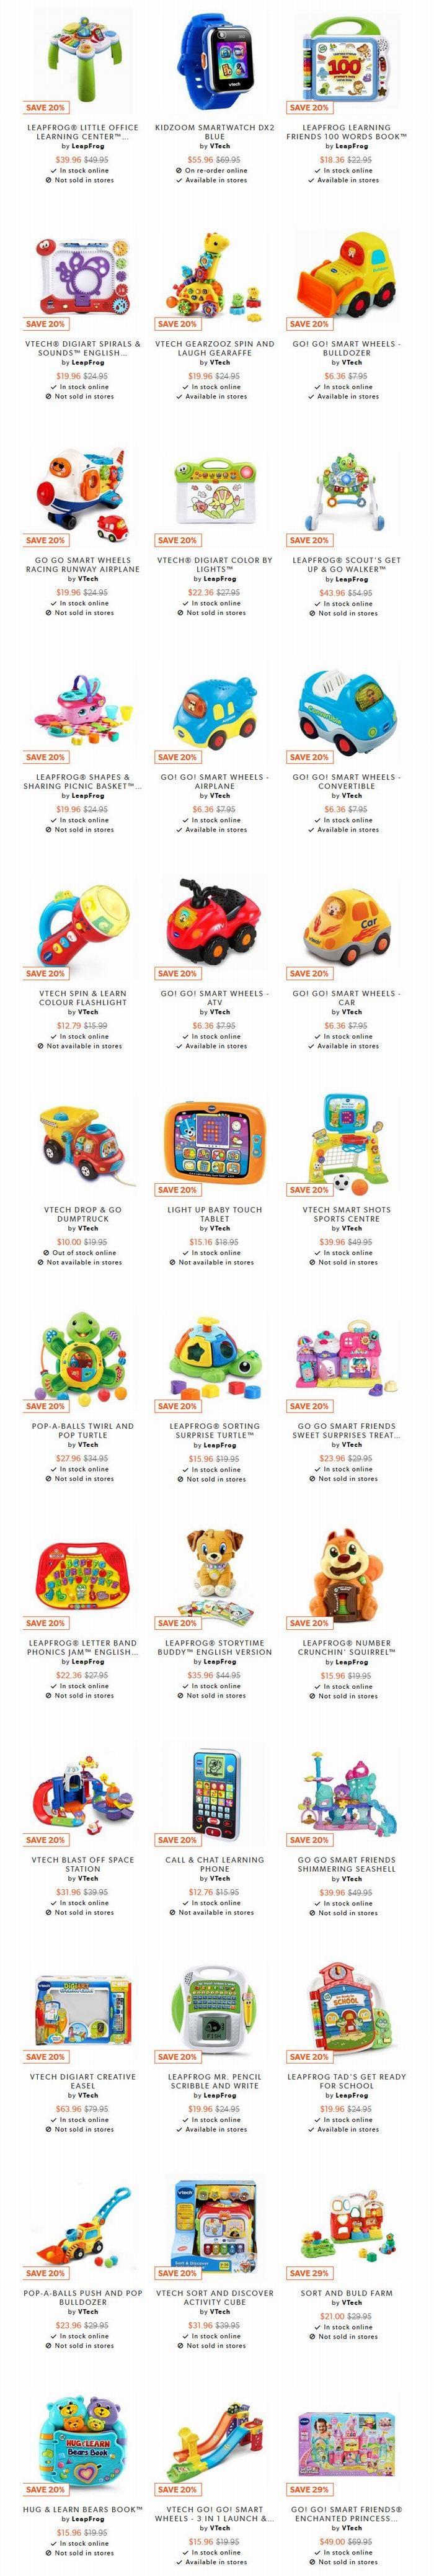 全场 VTech & LeapFrog宝宝益智早教玩具 8折优惠!